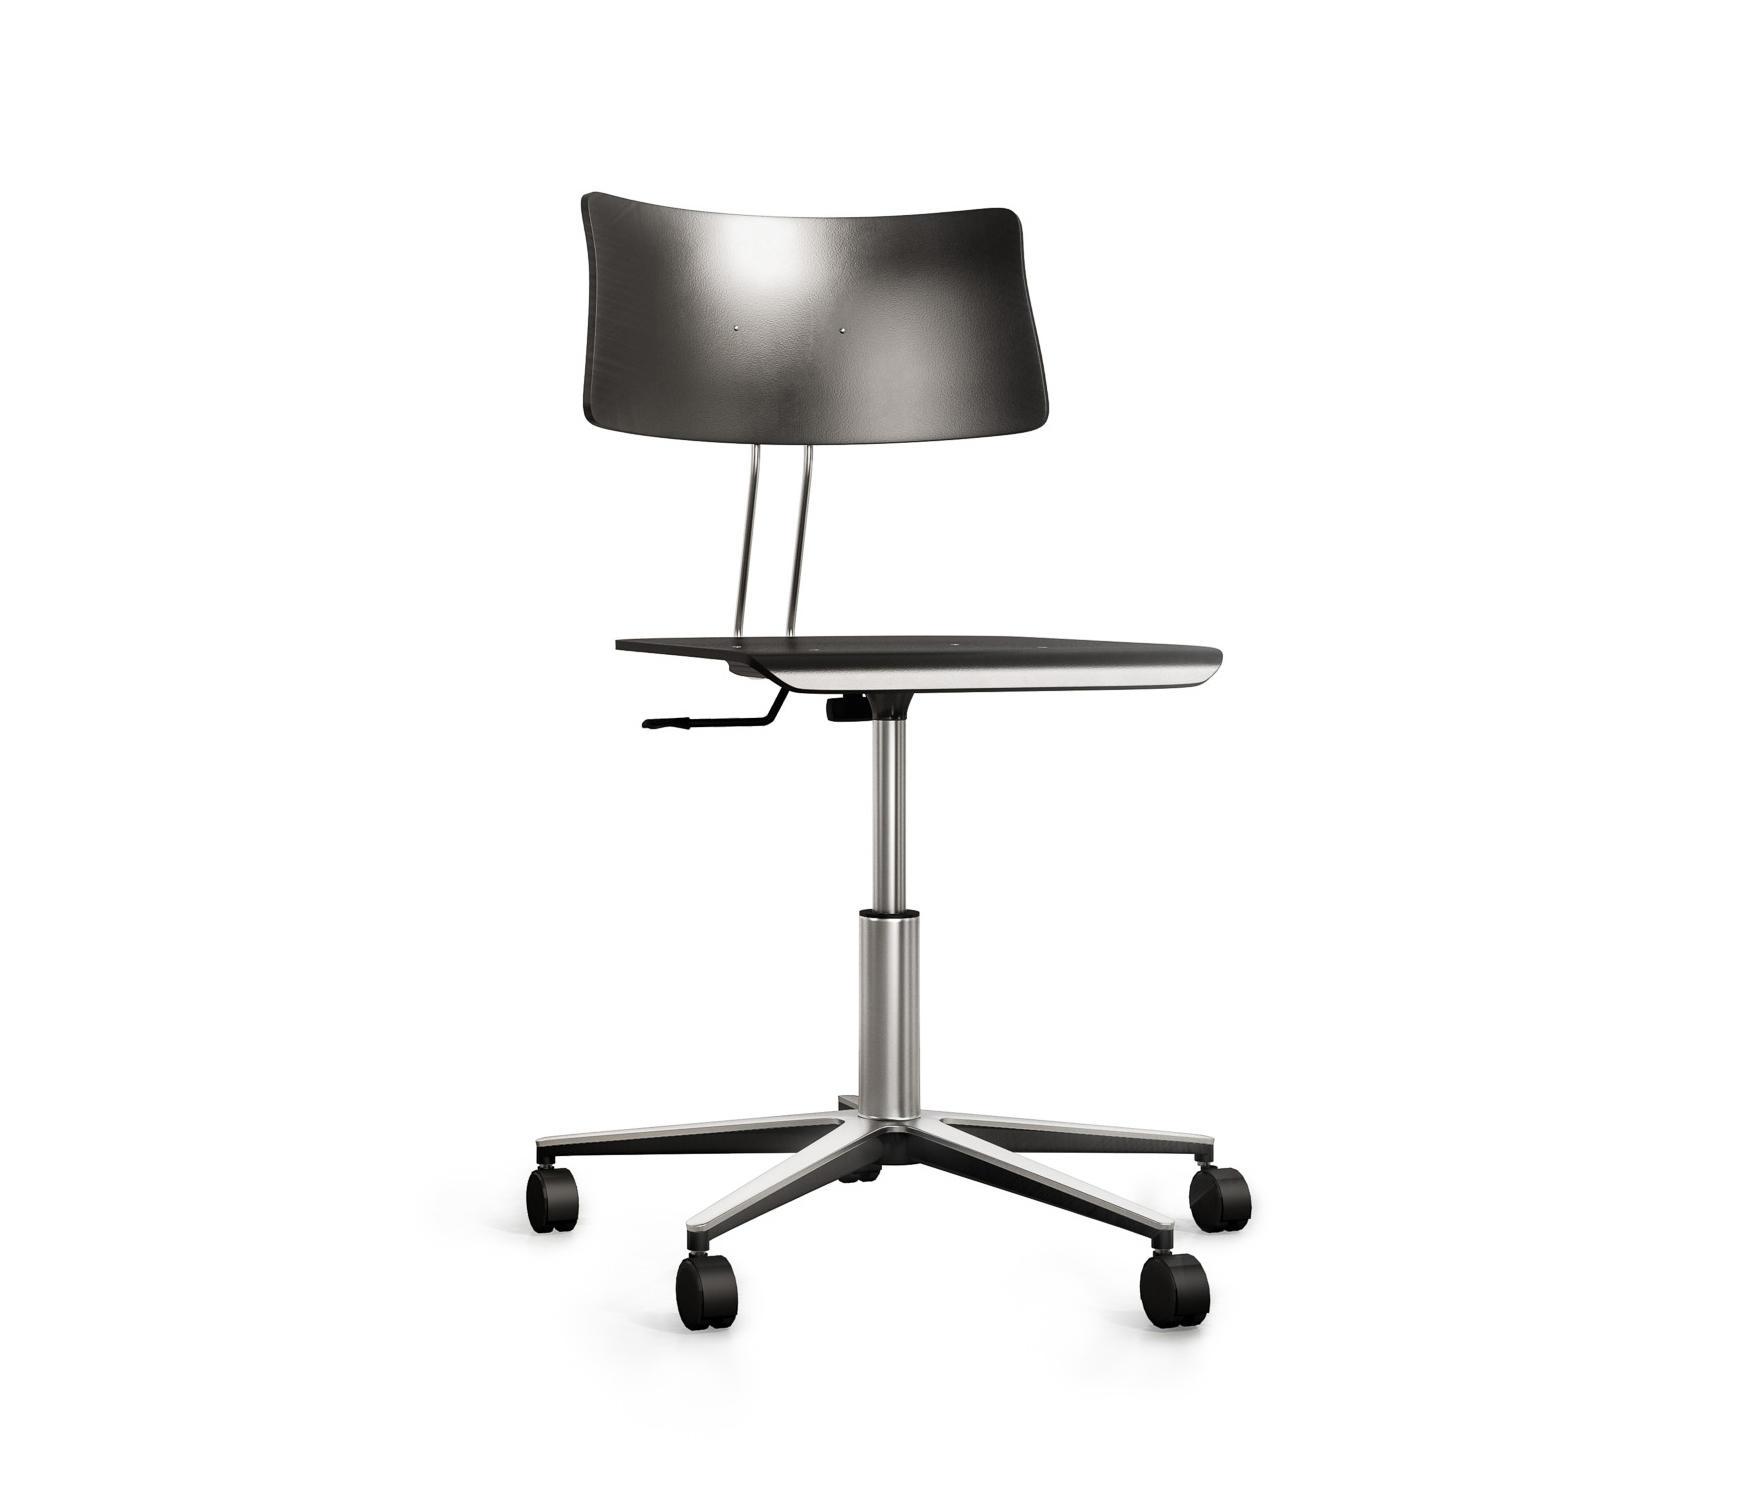 Stuhl hocker elegant stuhl hocker with stuhl hocker for Stuhl hocker